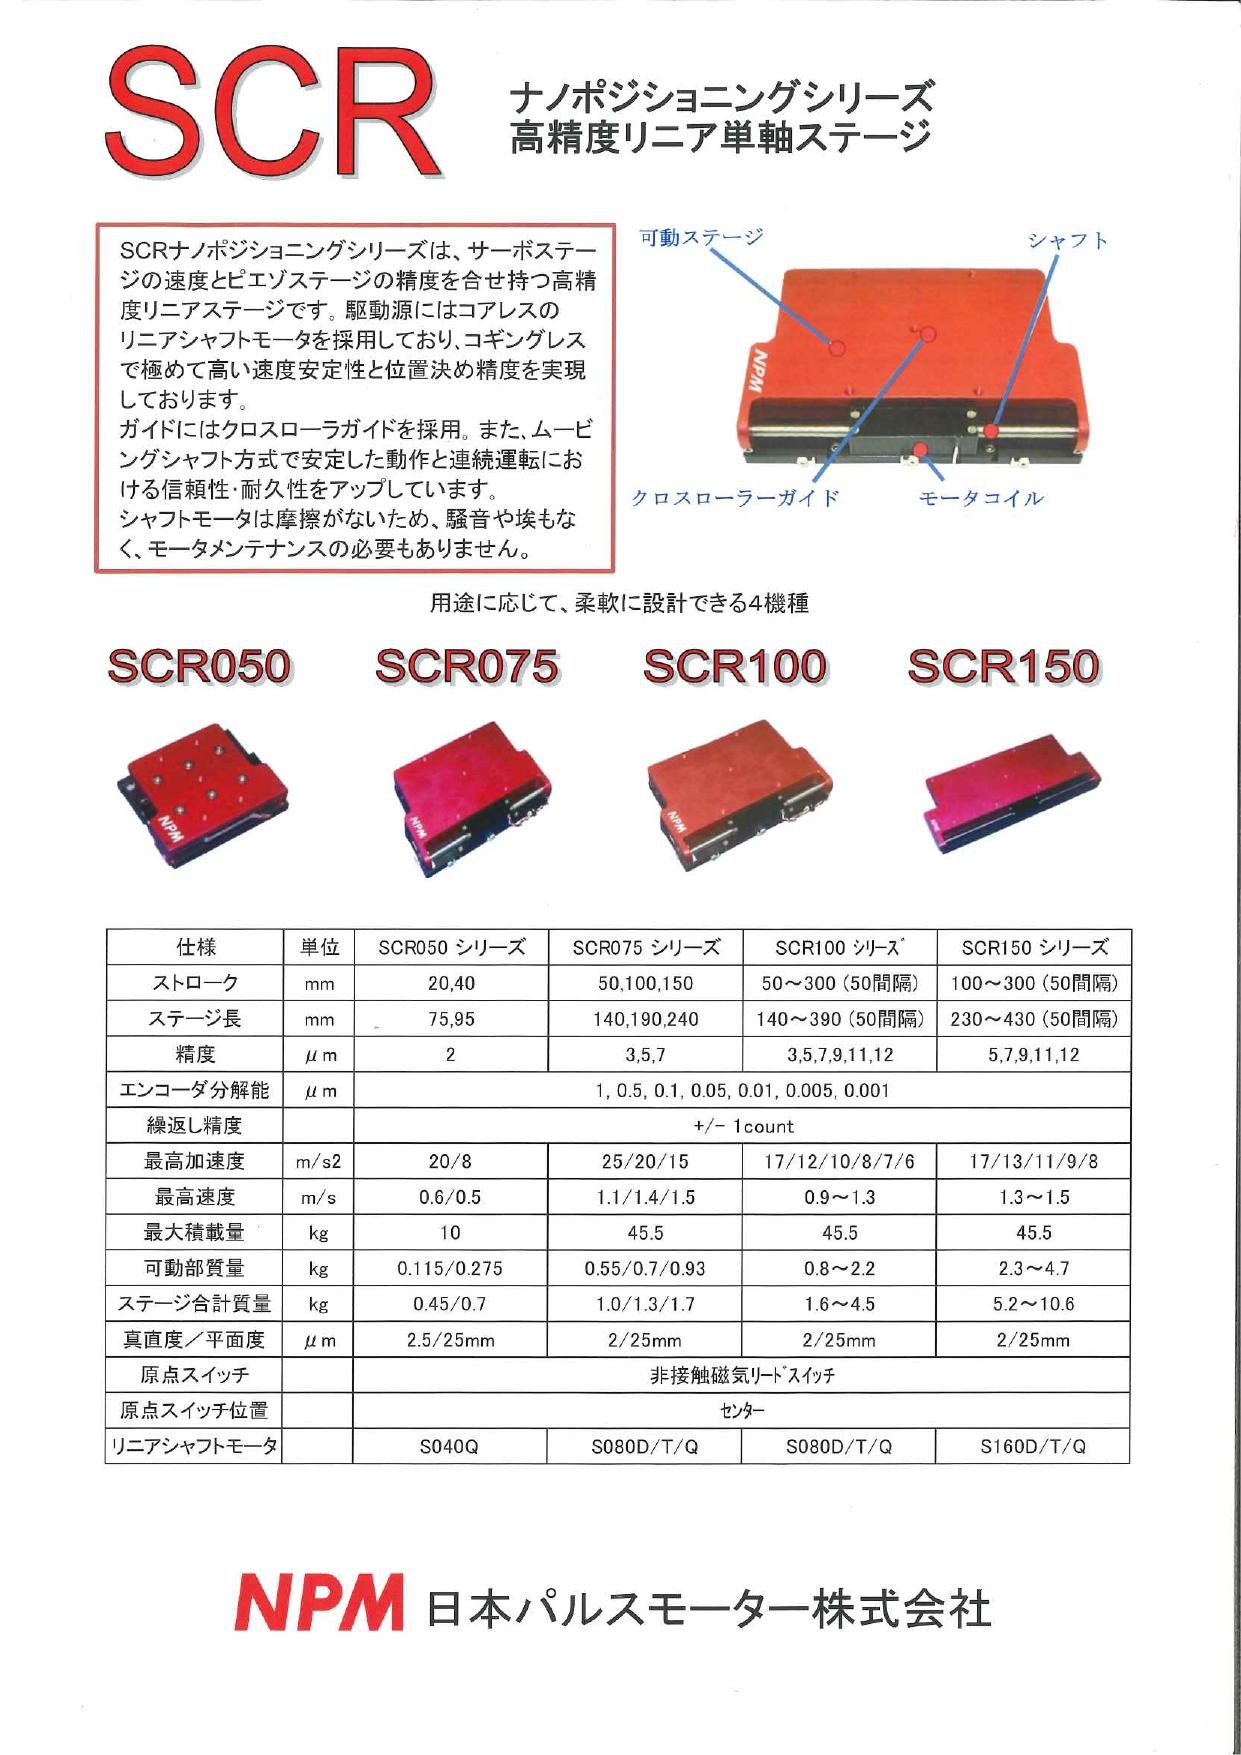 高精度リニア単軸ステージ SCRナノポジショニングシリーズ